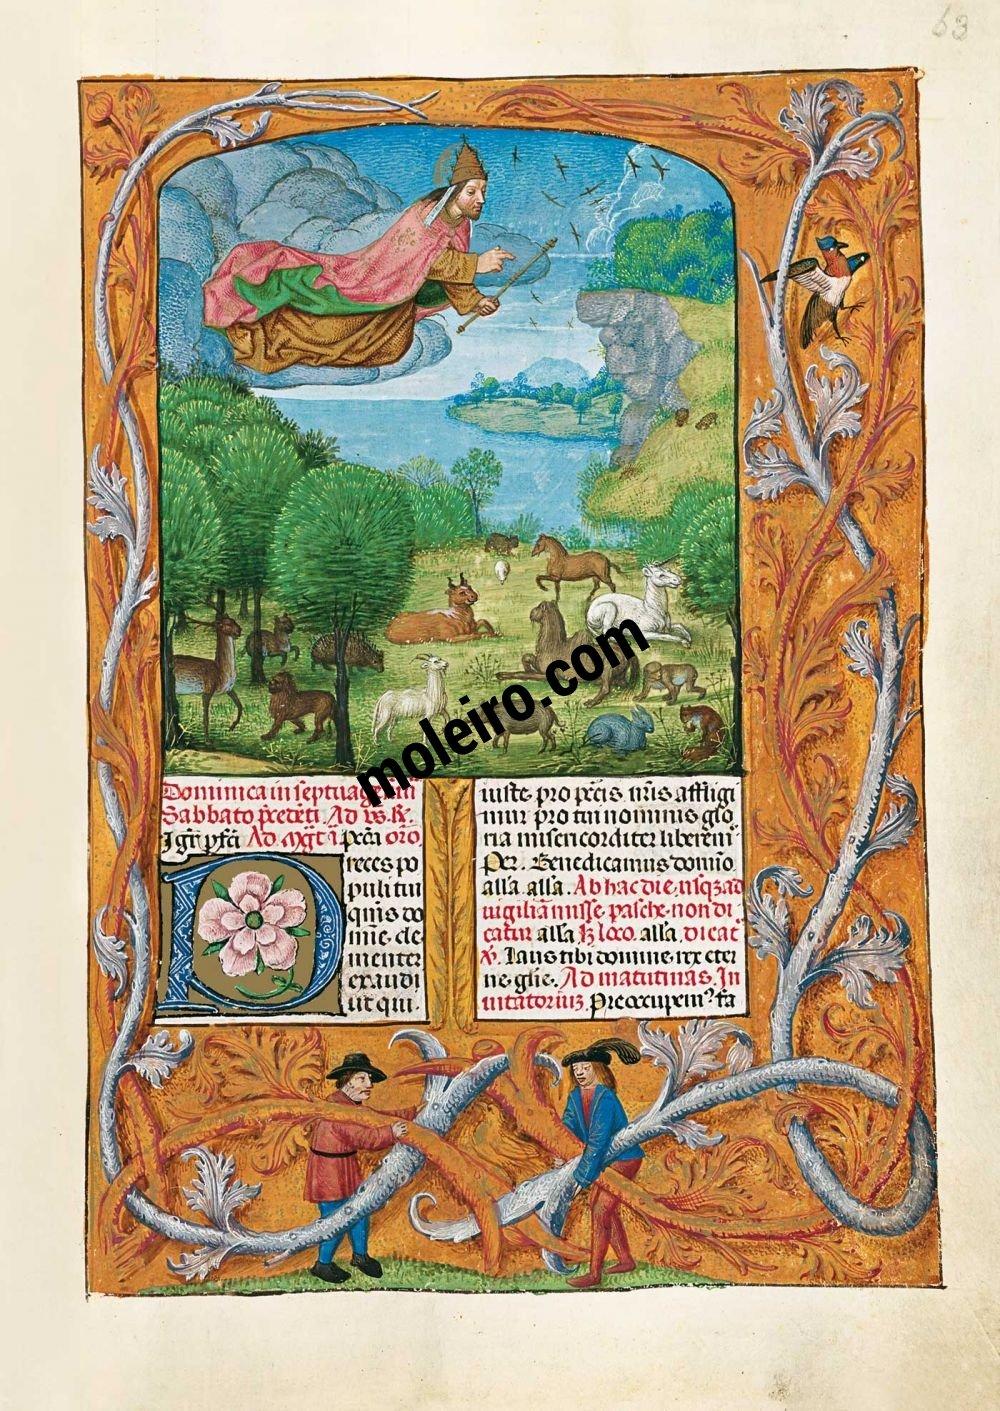 Le Bréviaire d'Isabelle la Catholique f. 63r, La Création